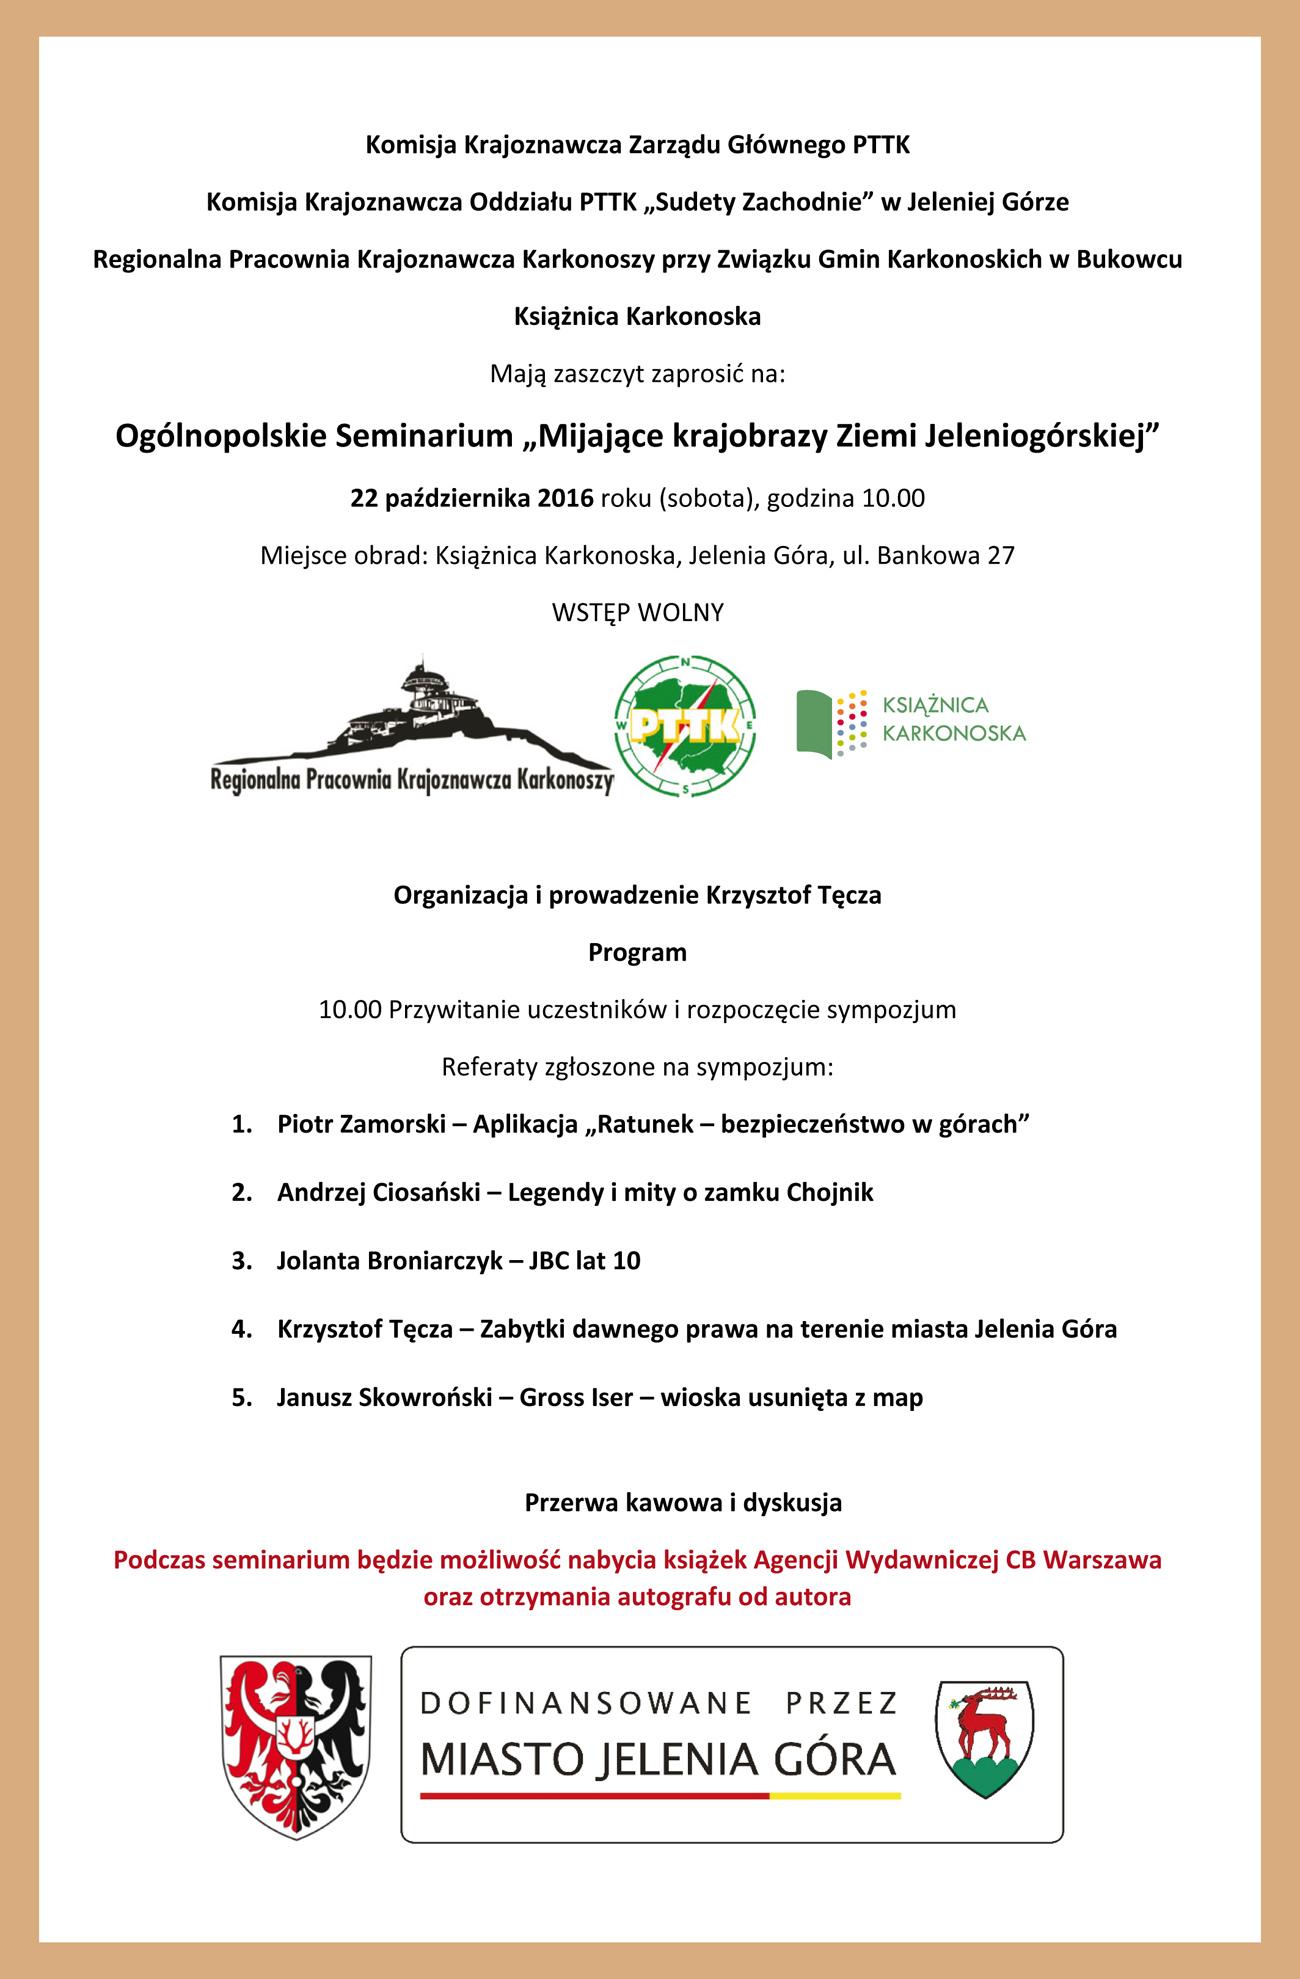 Microsoft Word - Ogólnopolskie Seminarium Mijajace krajobrazy Zi